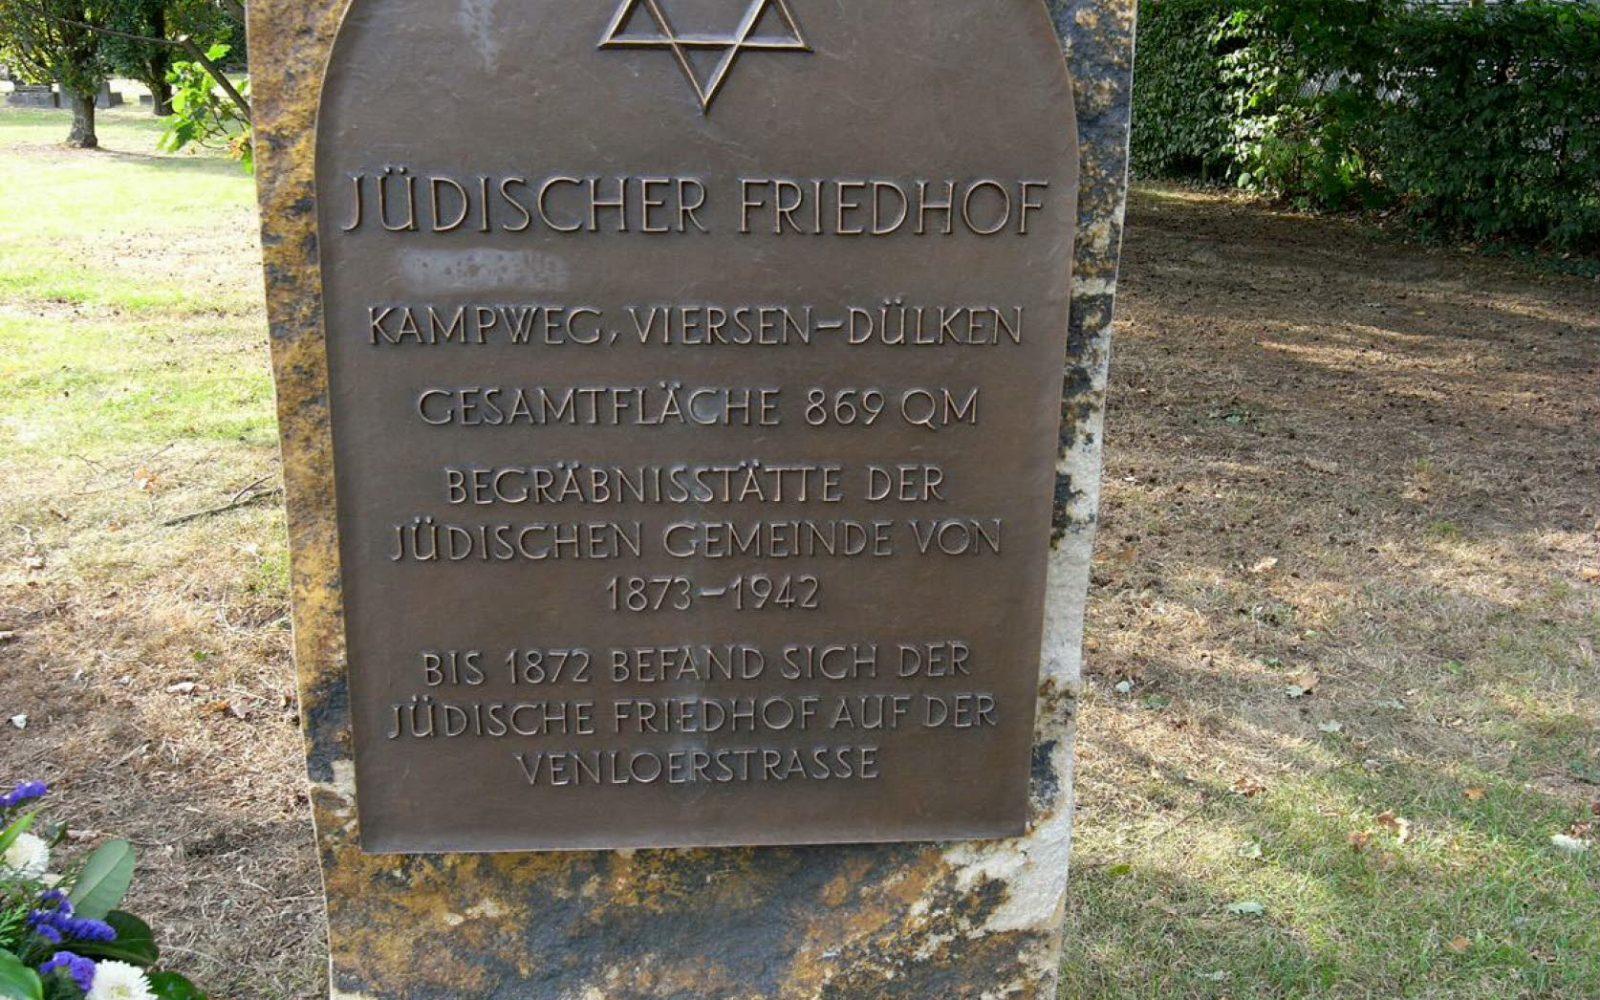 Eingangstafel am Jüdischen Friedhof Dülken.